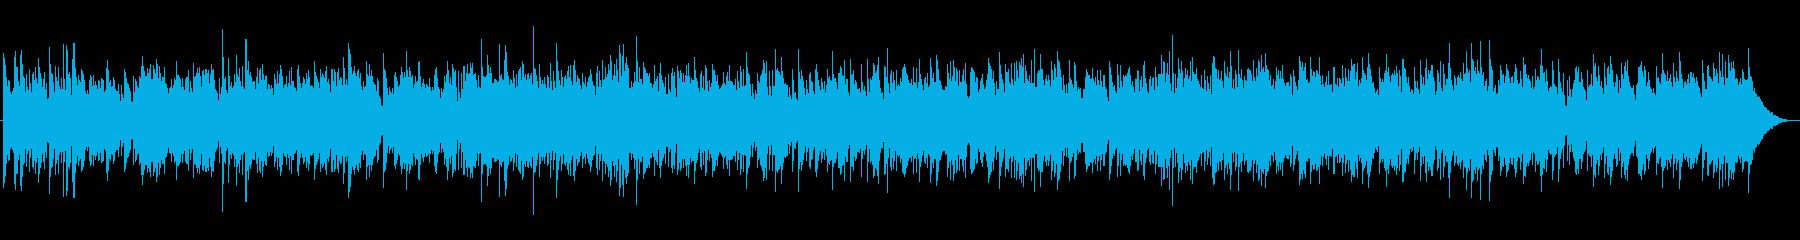 お洒落な3拍子ジャズの再生済みの波形